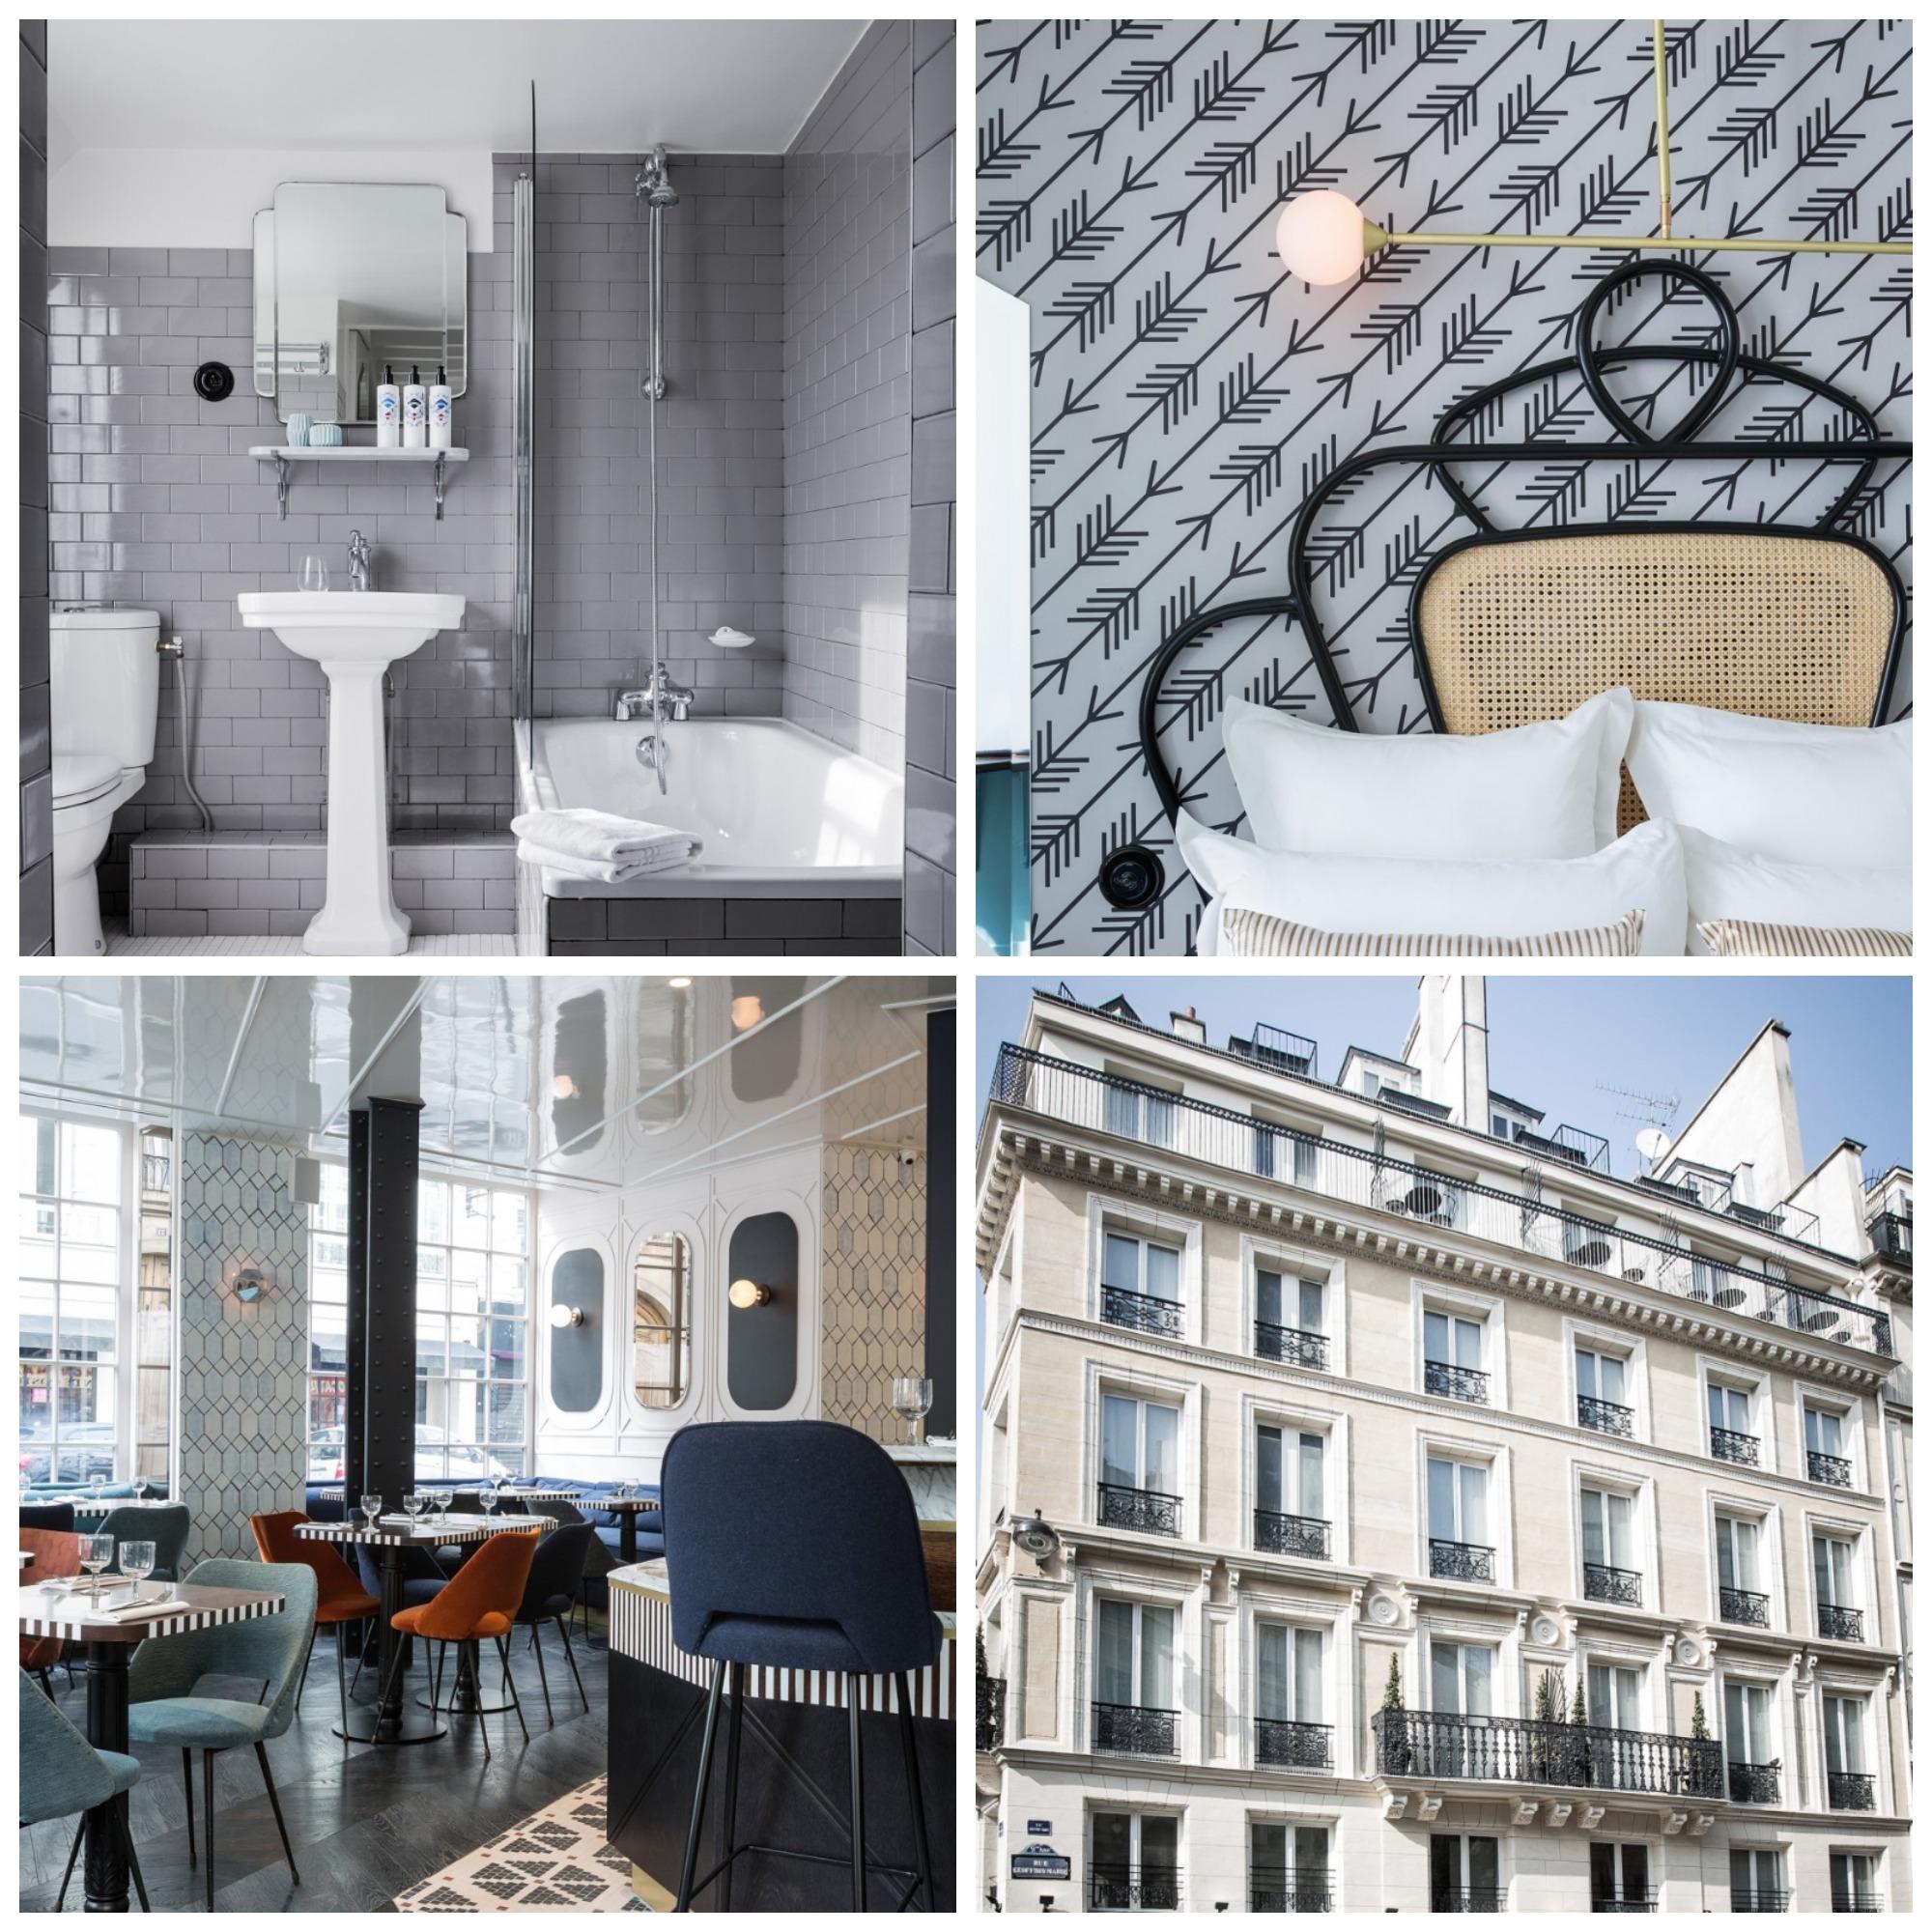 Images via  Hotel Panache